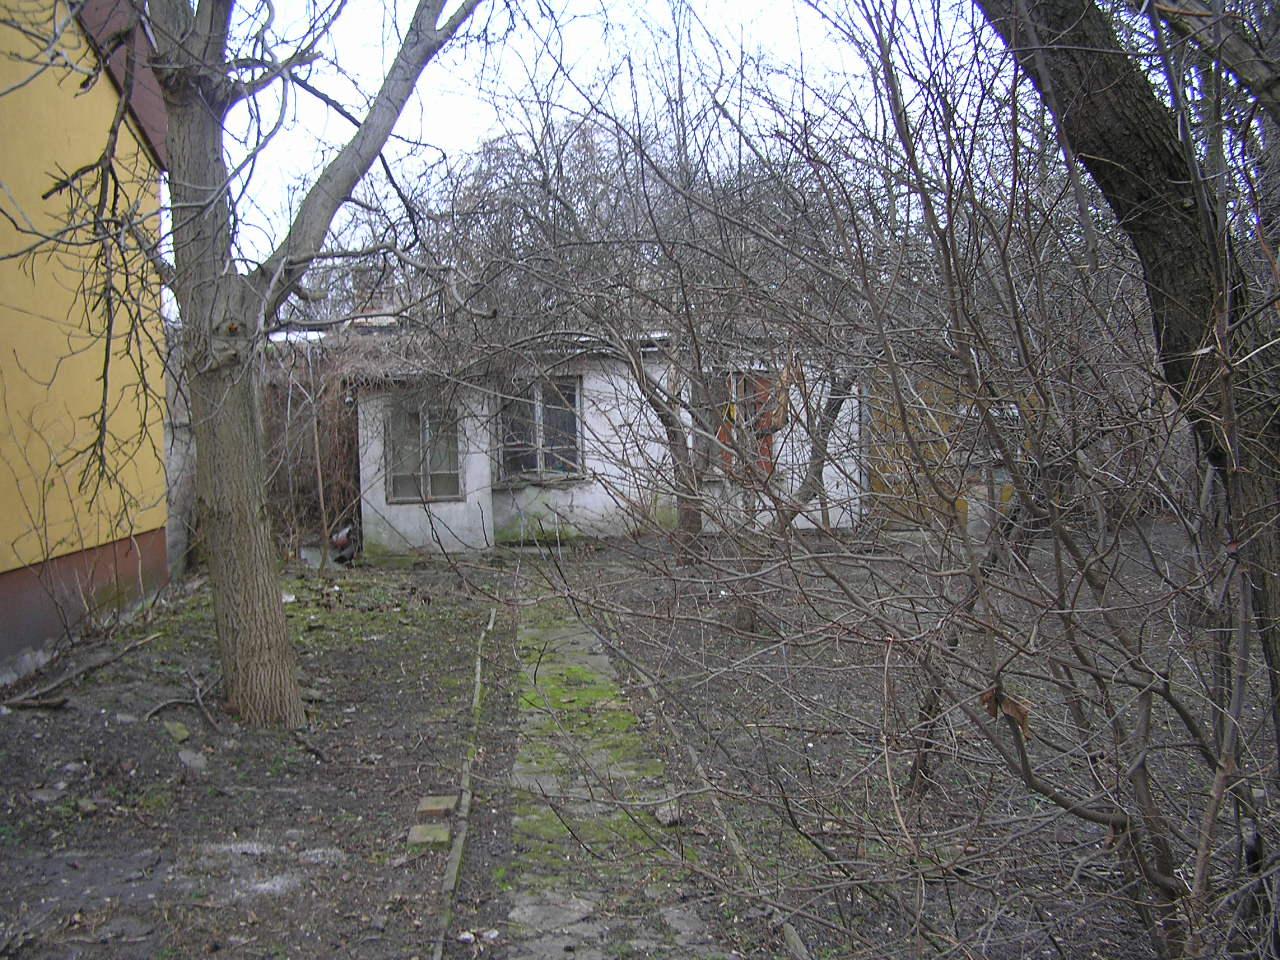 Dom przy ulicy Zapałczanej 9 na Grochowie